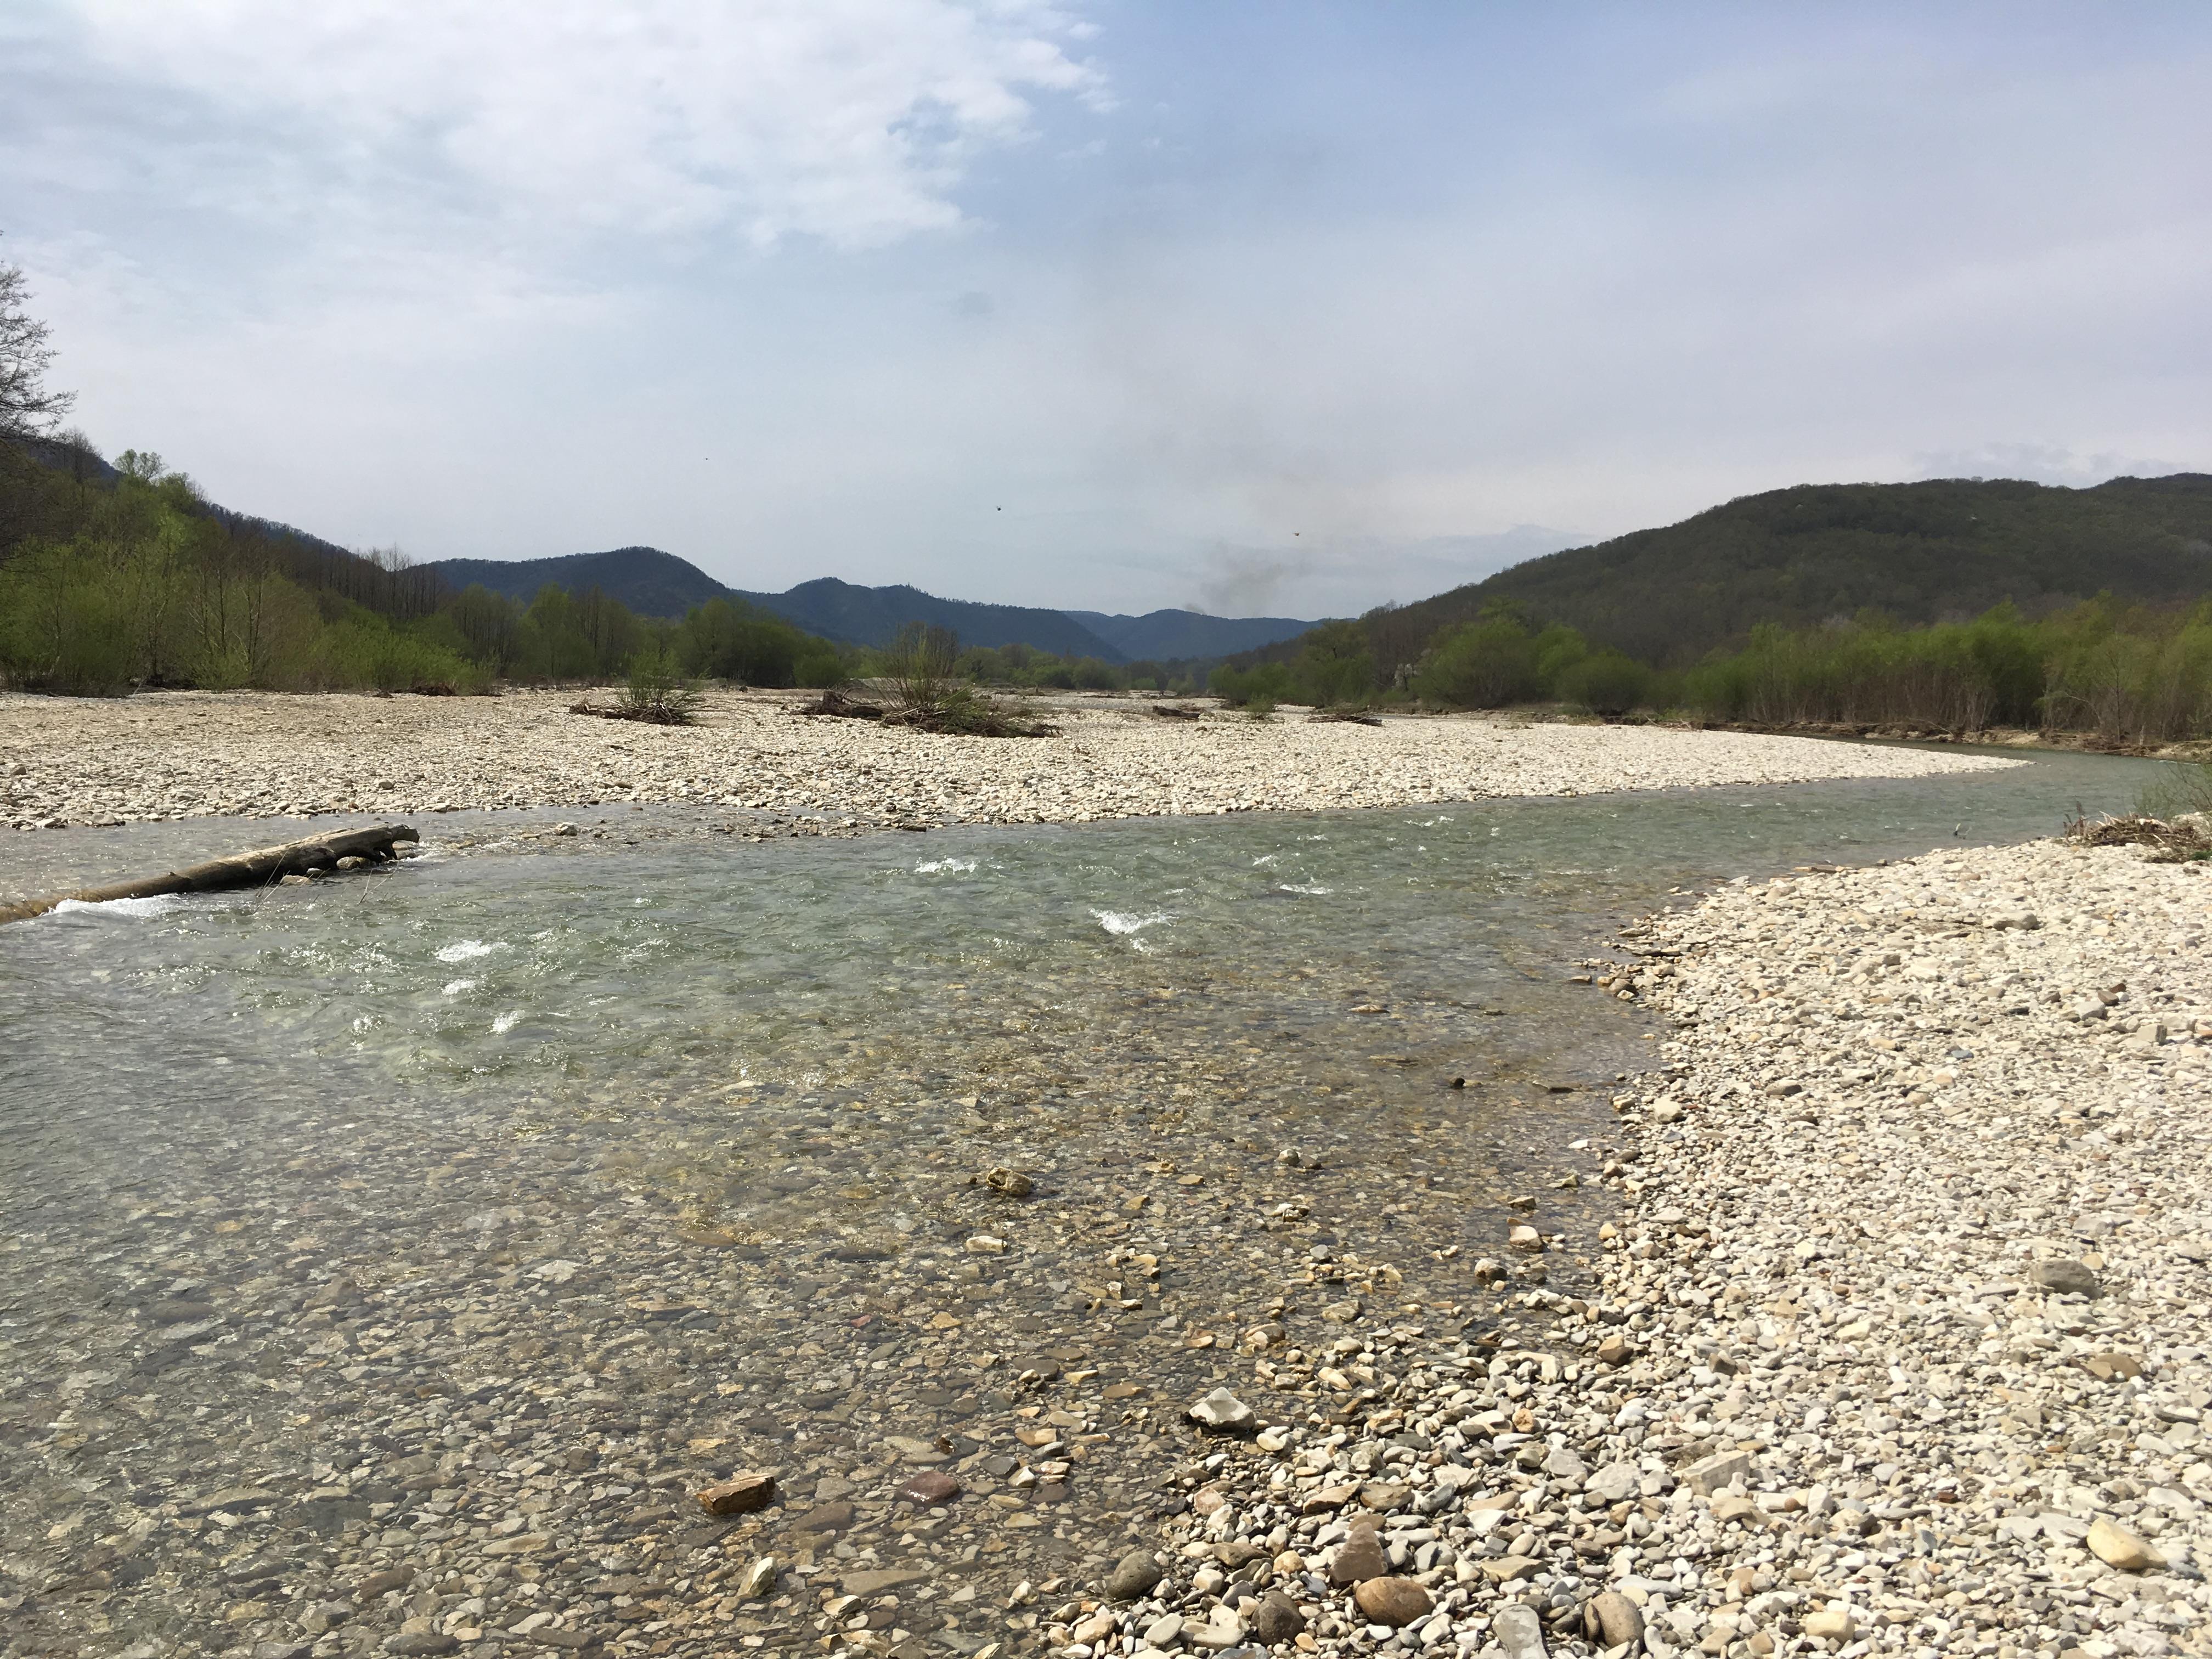 Photo 07-04-2017, 11 15 50